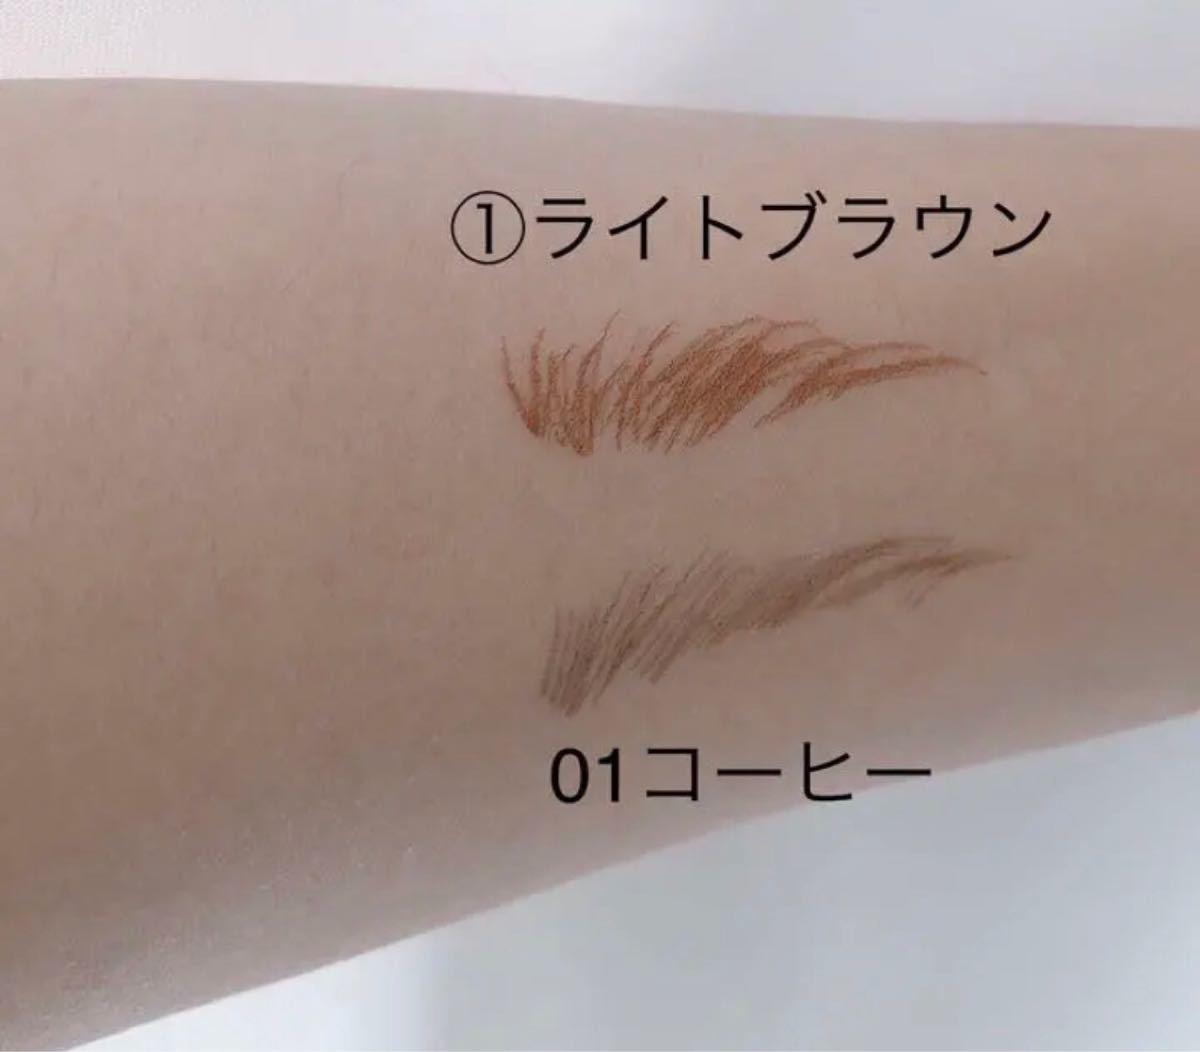 【2本】アイブロウペンシル 防水 プルーフ  ライトブラウン